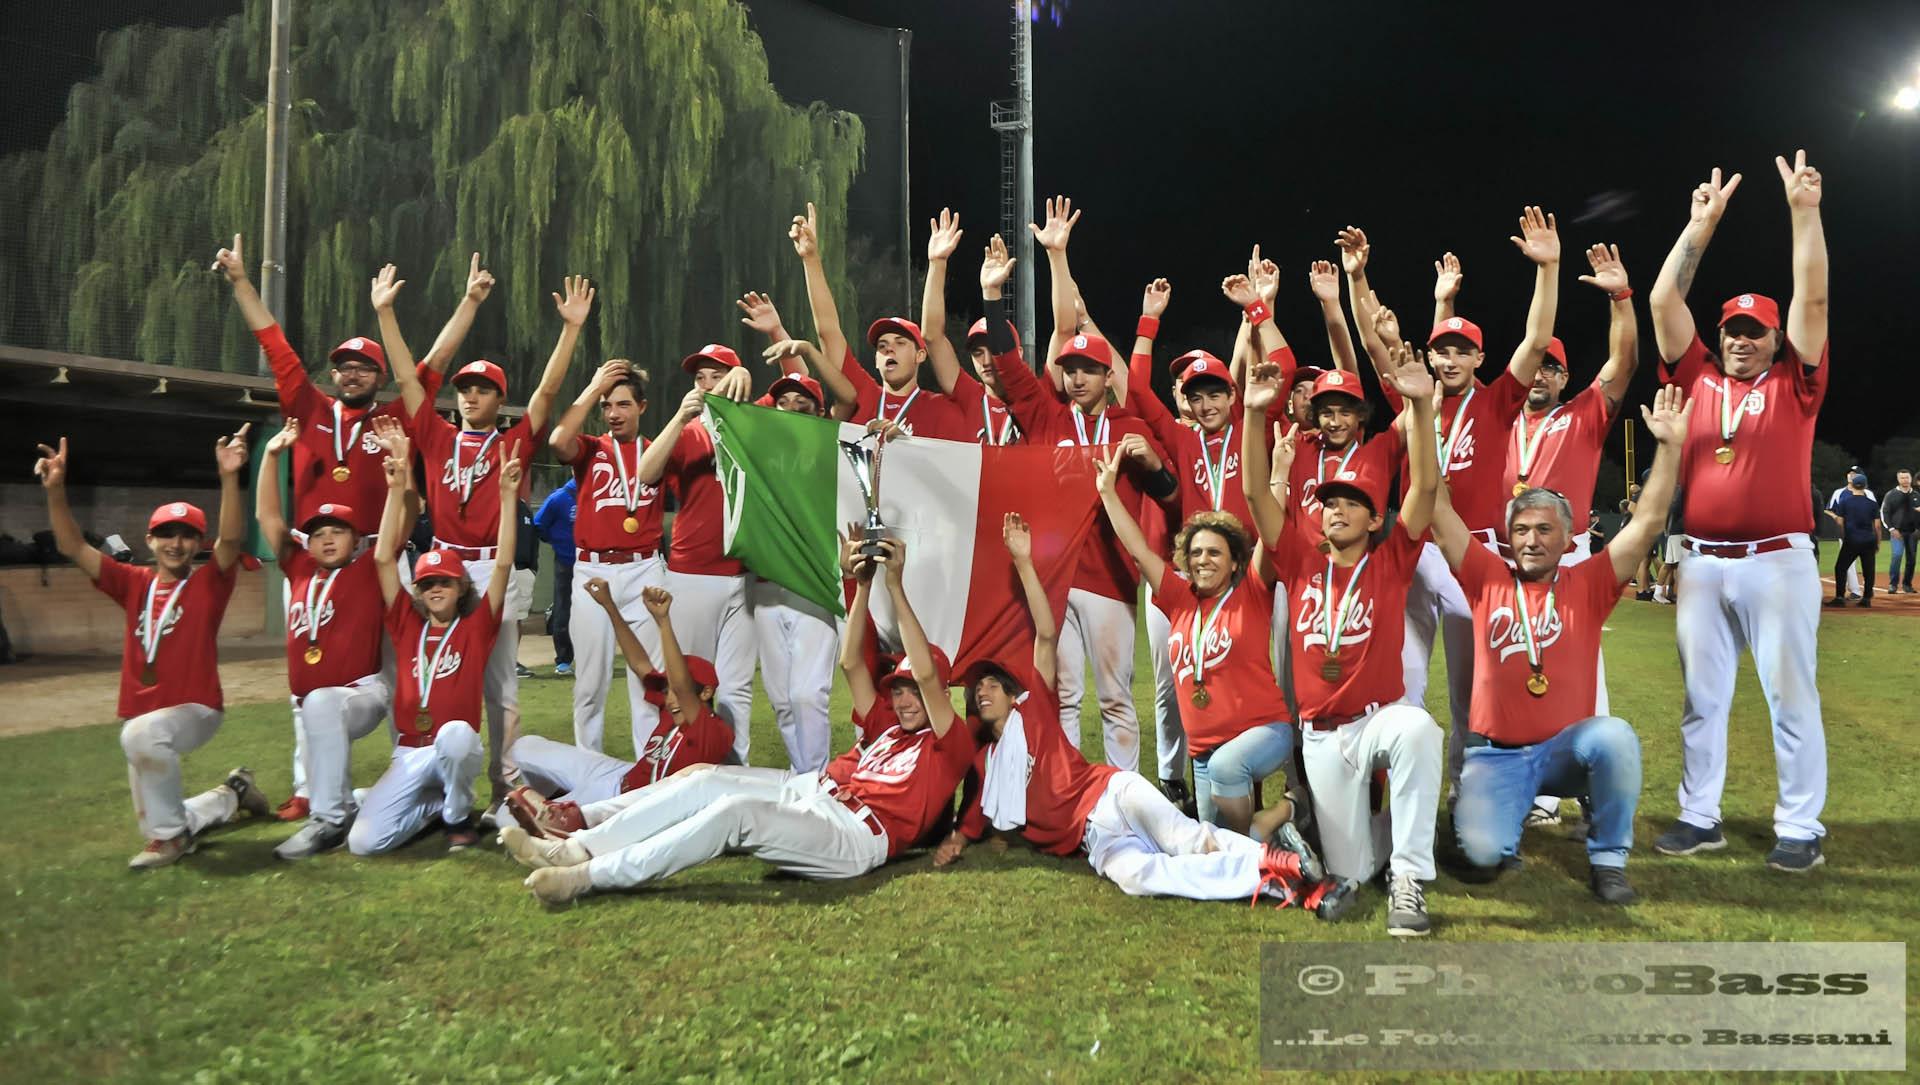 Staranzano Ducks campioni d'Italia U15 2019